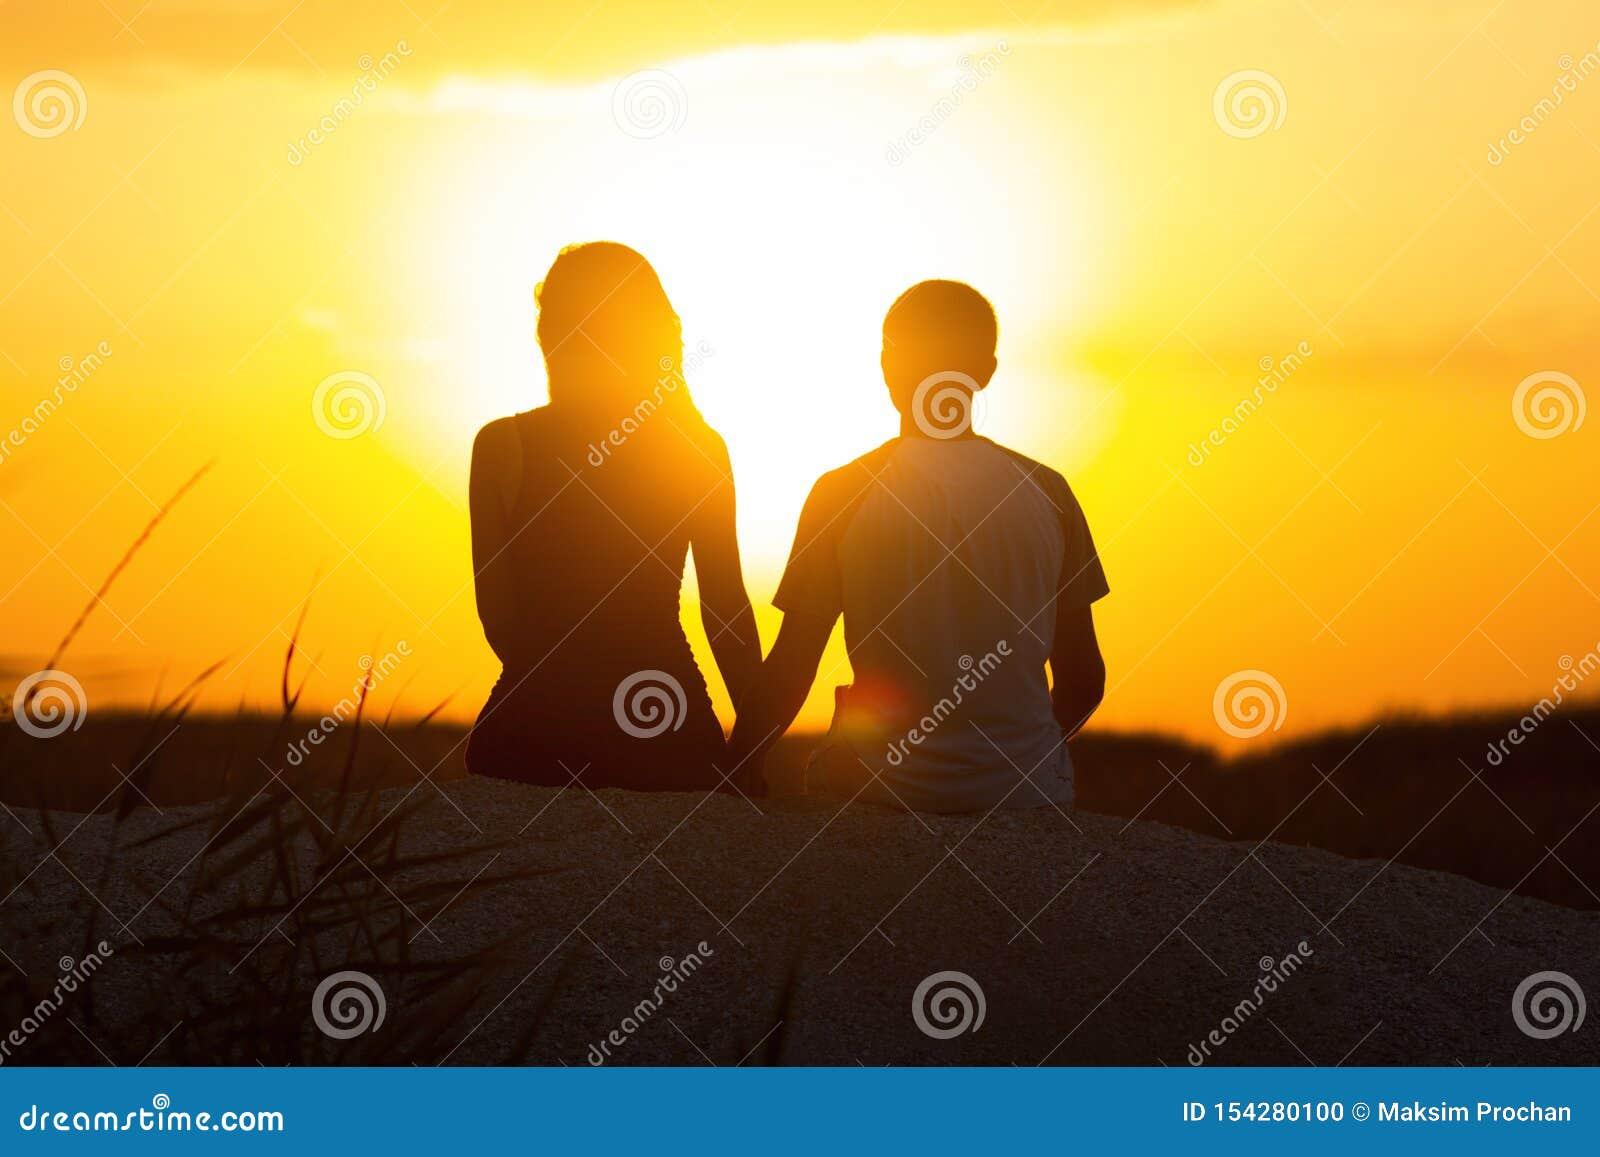 Silhouette d un couple affectueux au coucher du soleil se reposant sur le sable sur la plage, la figure d un homme et une femme d